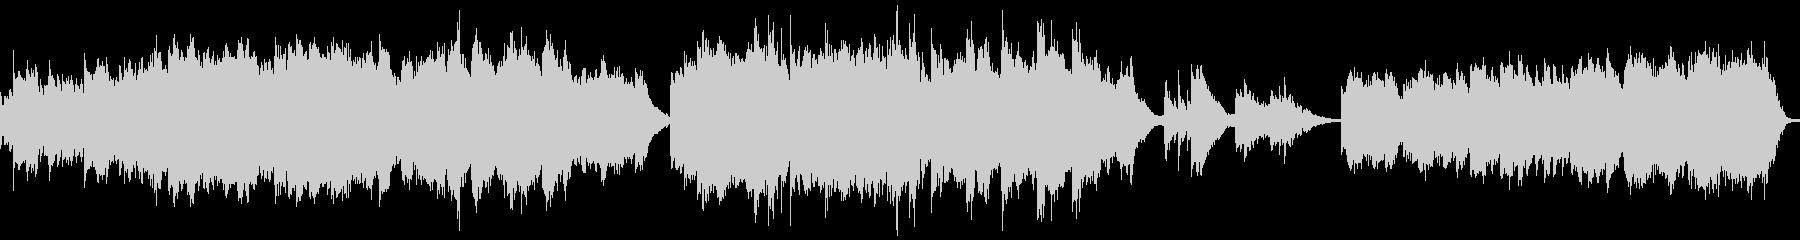 幻想的で不穏な曲(ループ)の未再生の波形